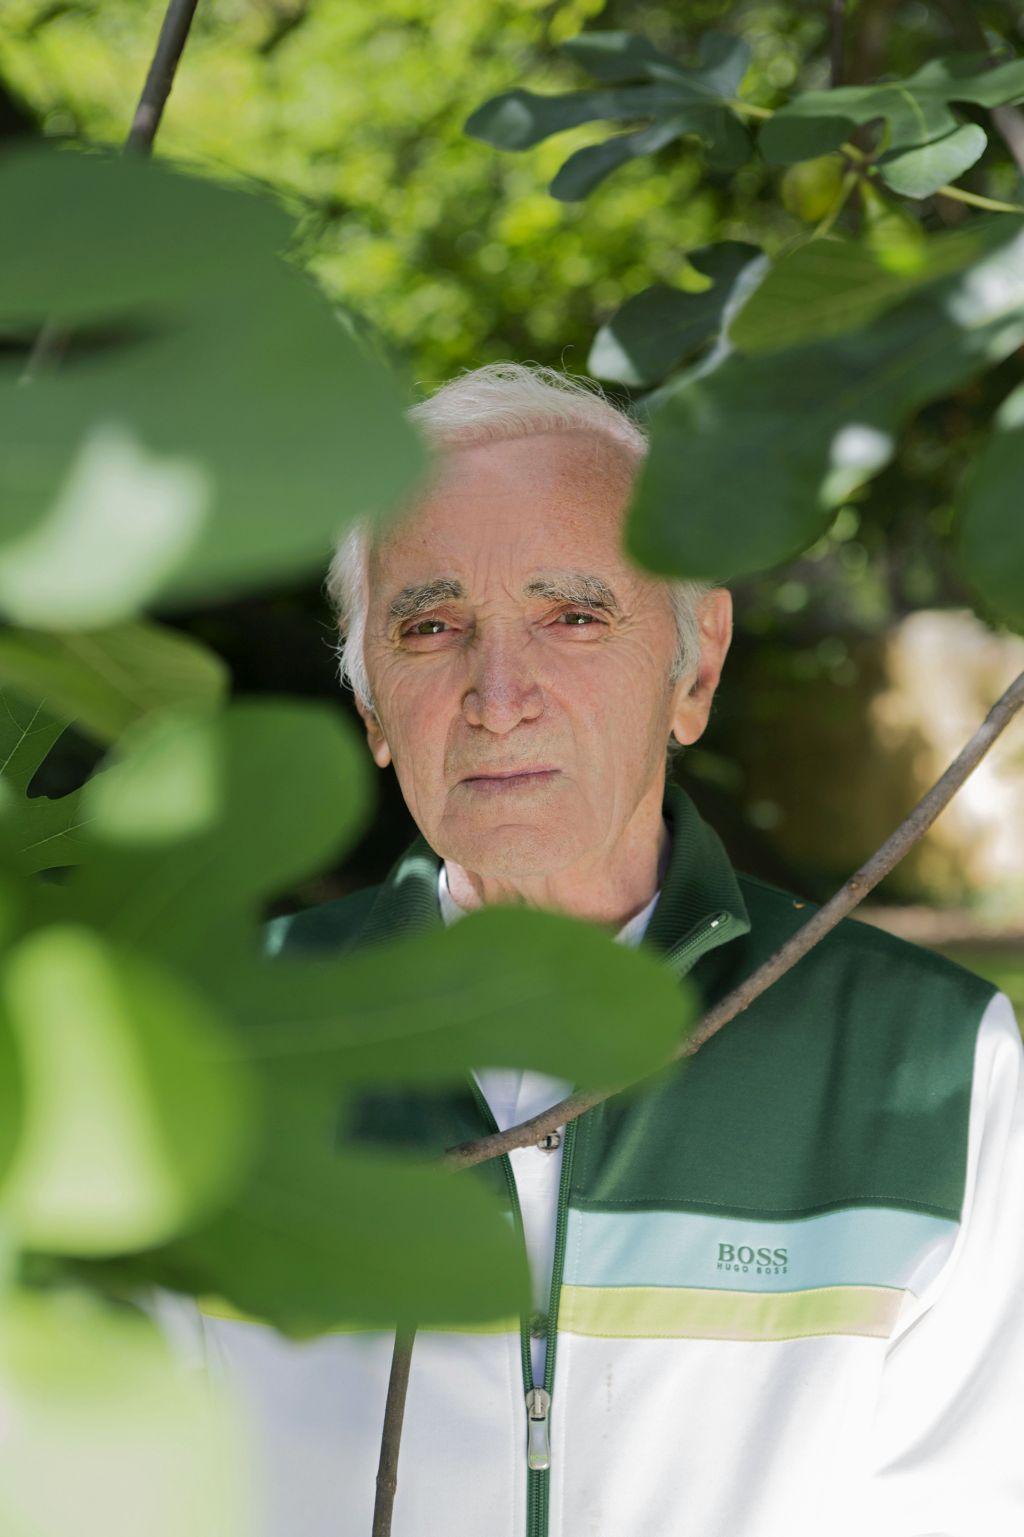 Charles Aznavour, lo chansonnier che ha scritto 1.200 canzoni, il 23 luglio all' Auditorium Parco della musica.